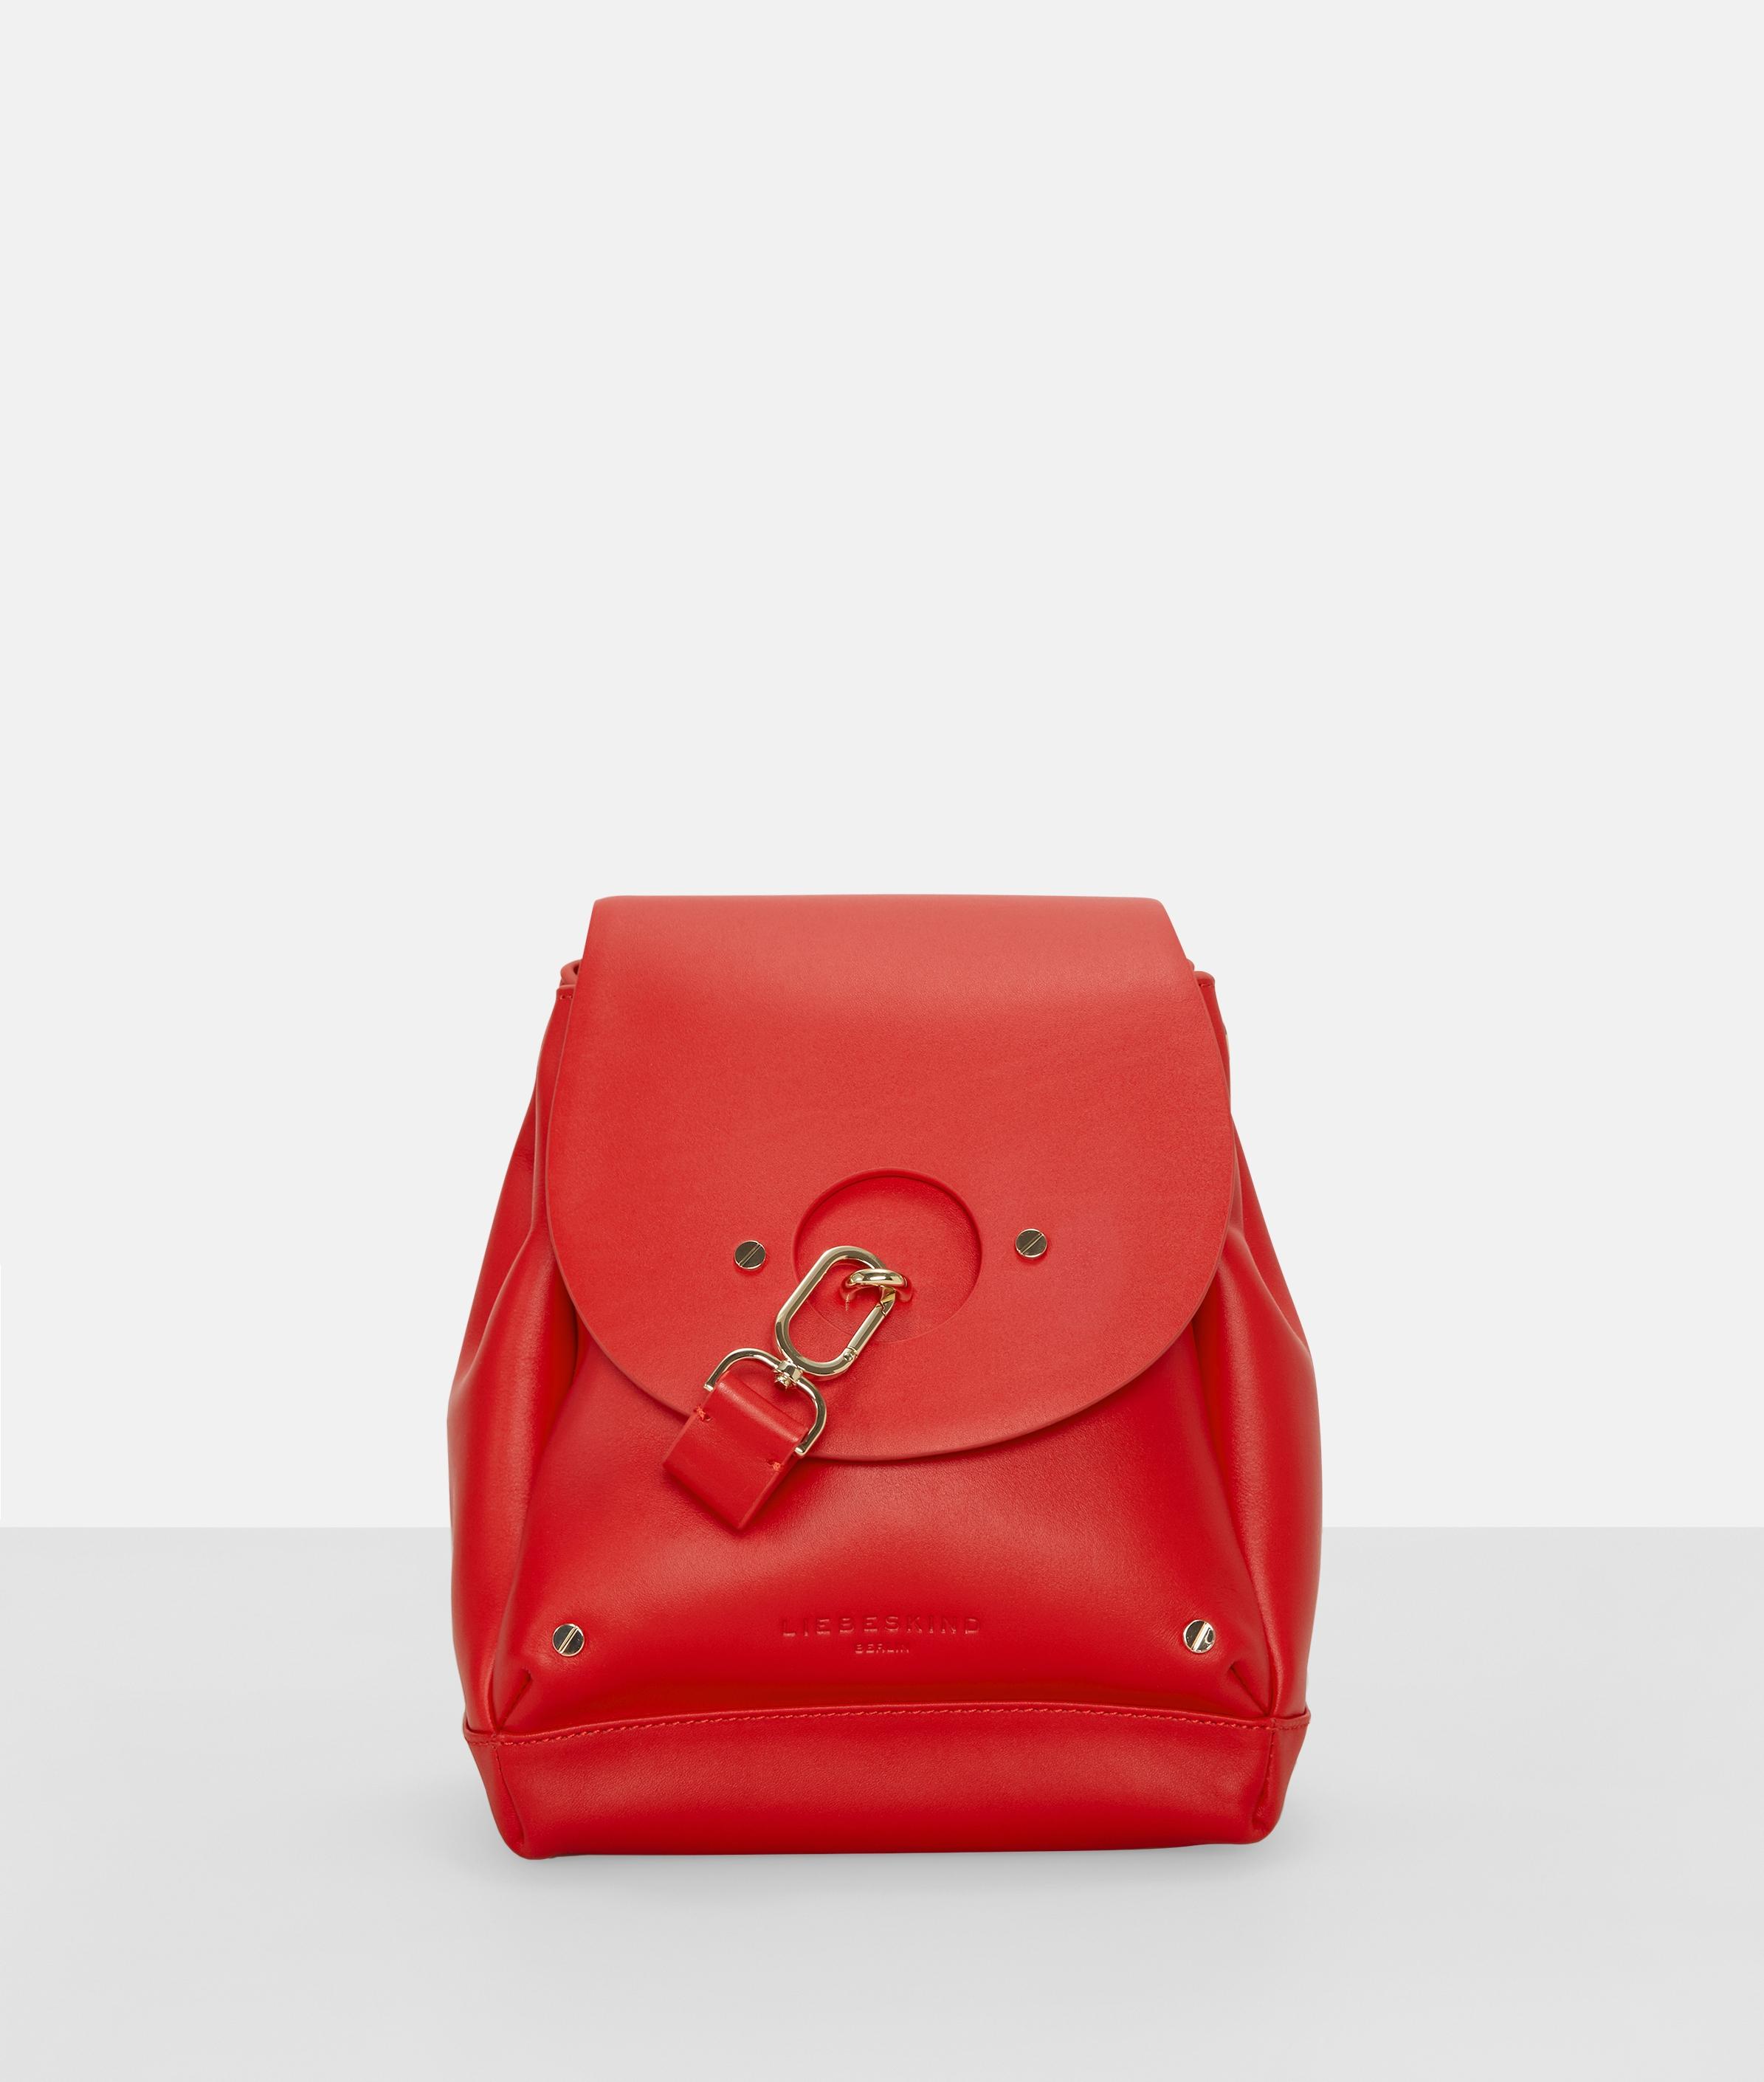 Berlin Tasche Round Flap Bucket Bag M, Rot